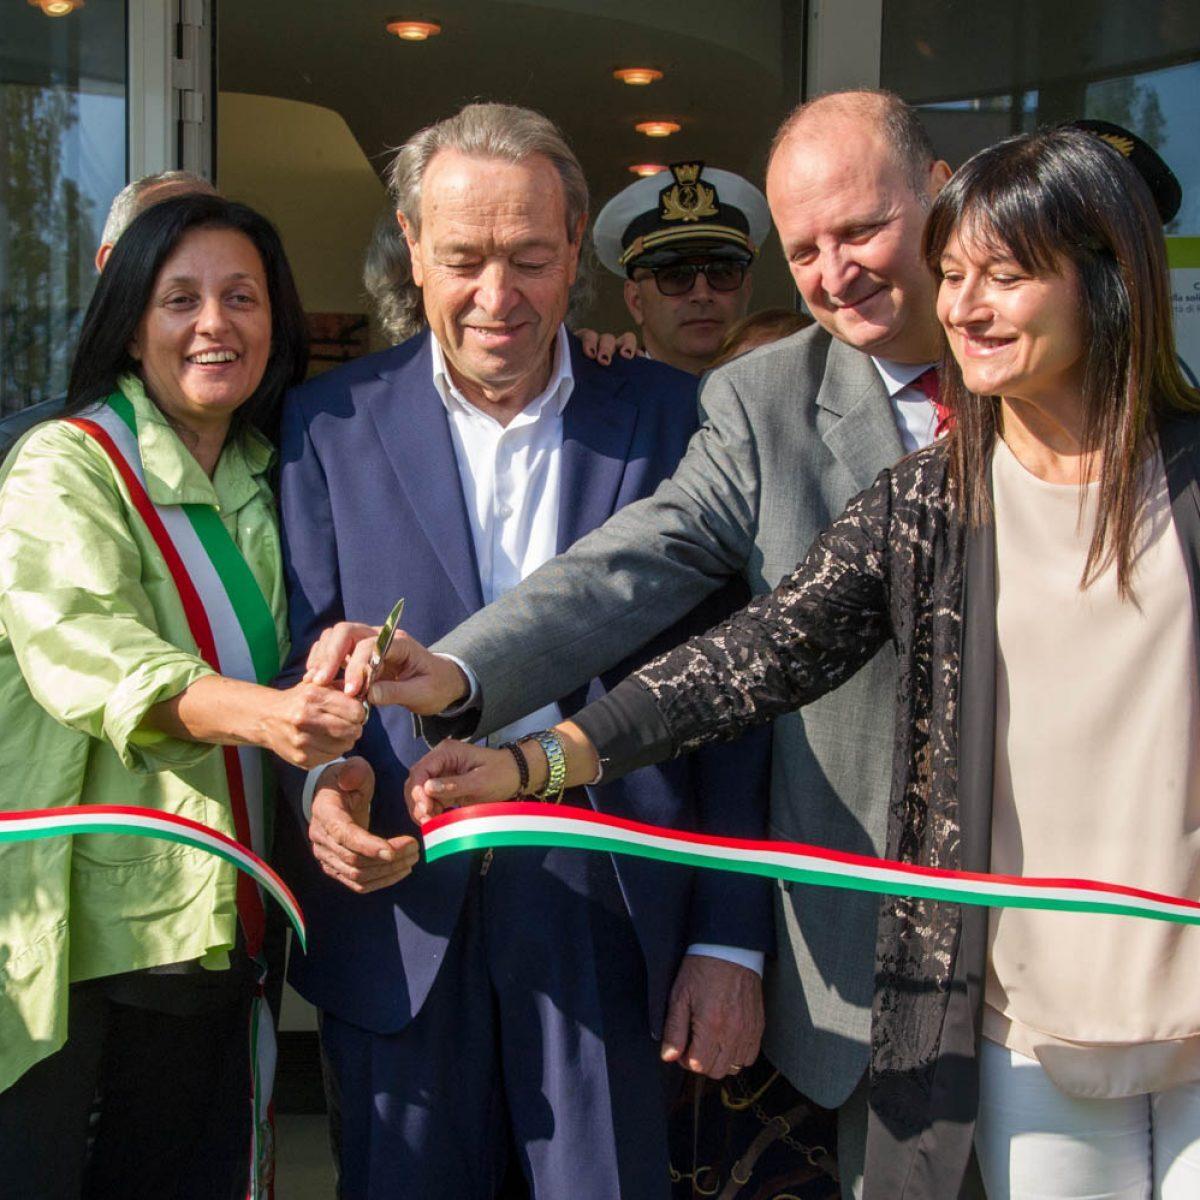 A Riccione inaugura l'Emporio solidale nella sede ex Tucker